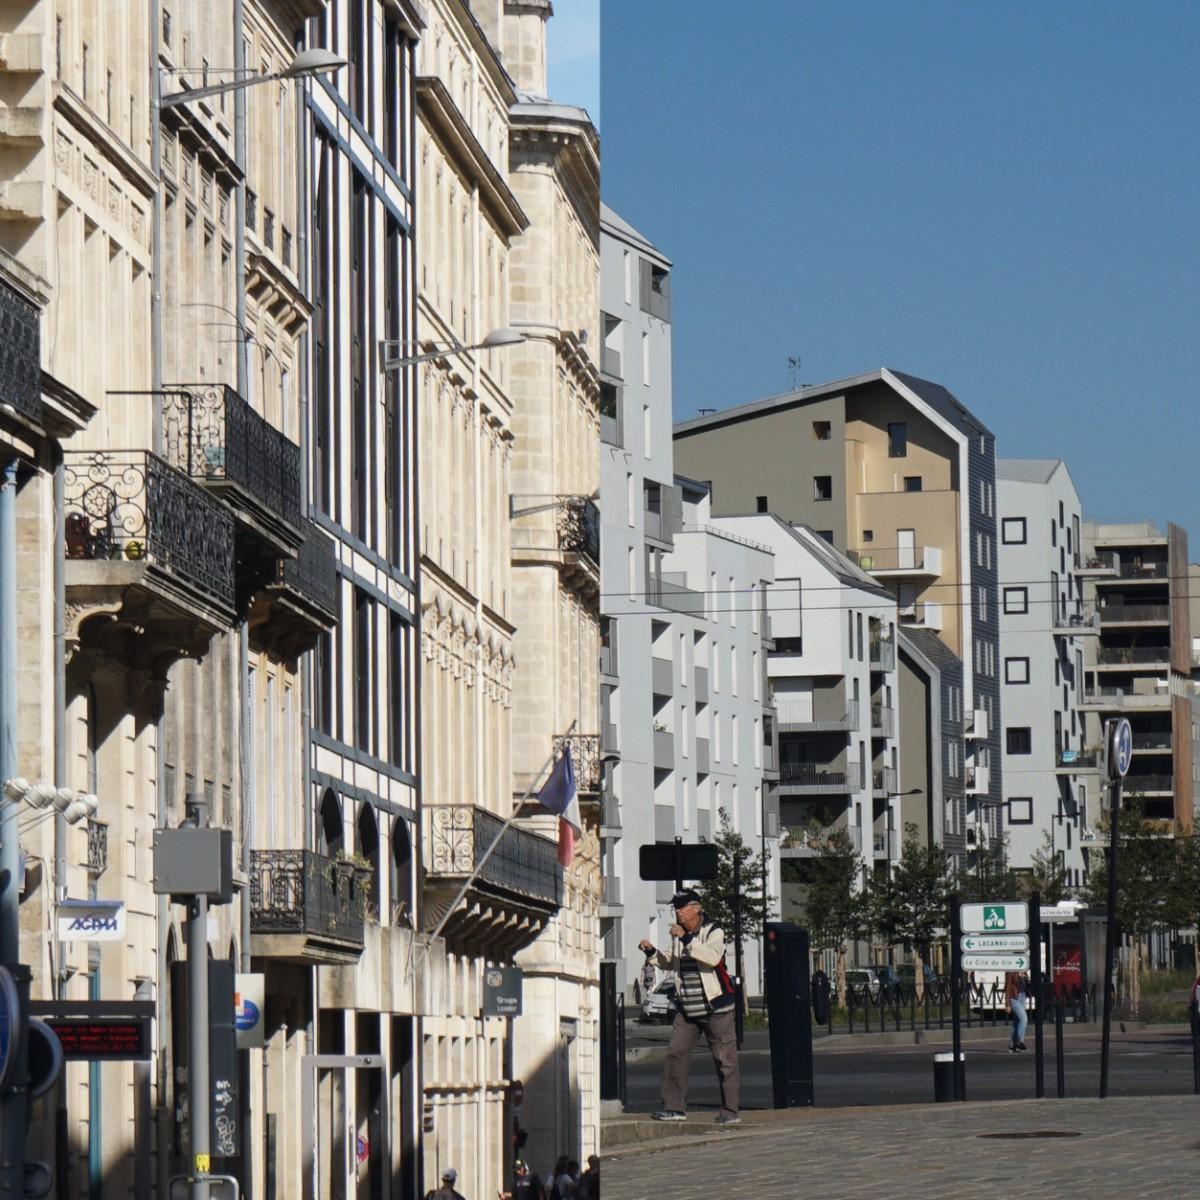 Bordeaux - L' unité dans la diversité - Erik Van Raemdonck